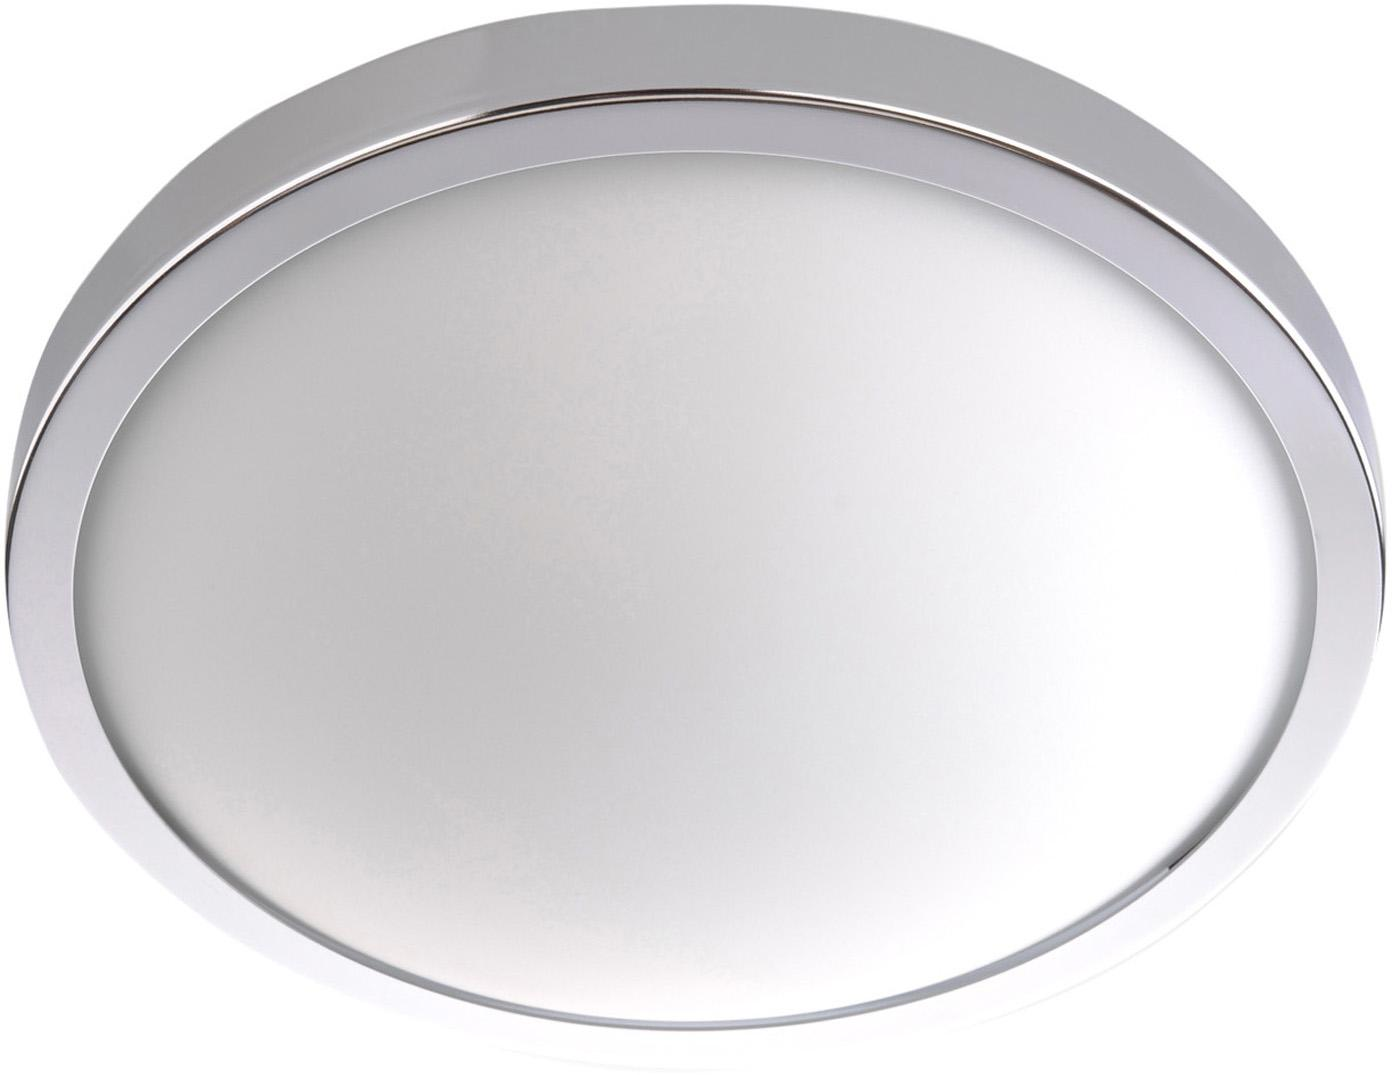 Lampa sufitowa Calisto, Chrom, biały, Ø 22 x W 8 cm